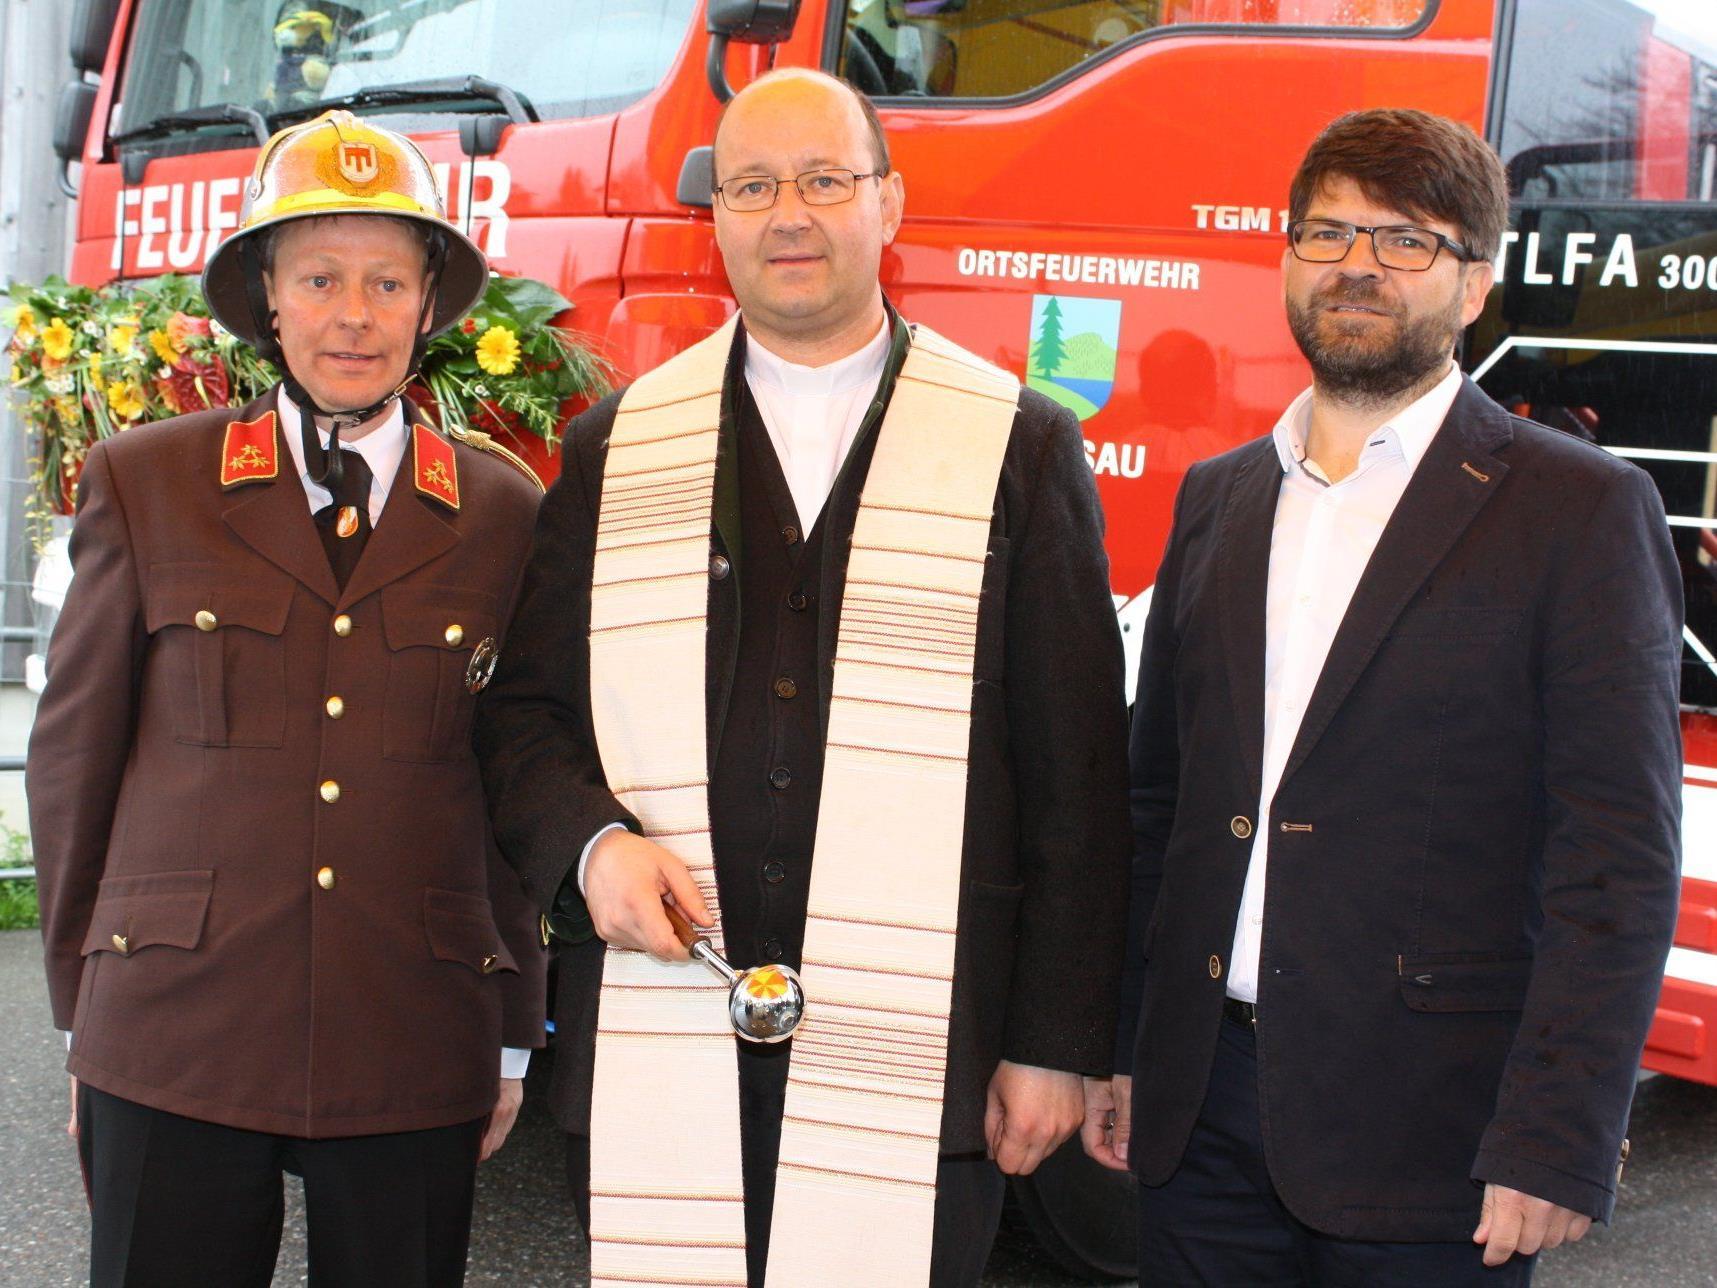 Kommandant Hans Grabher, Pfarrer Hubert Ratz und Bgm. Gerhard Beer.